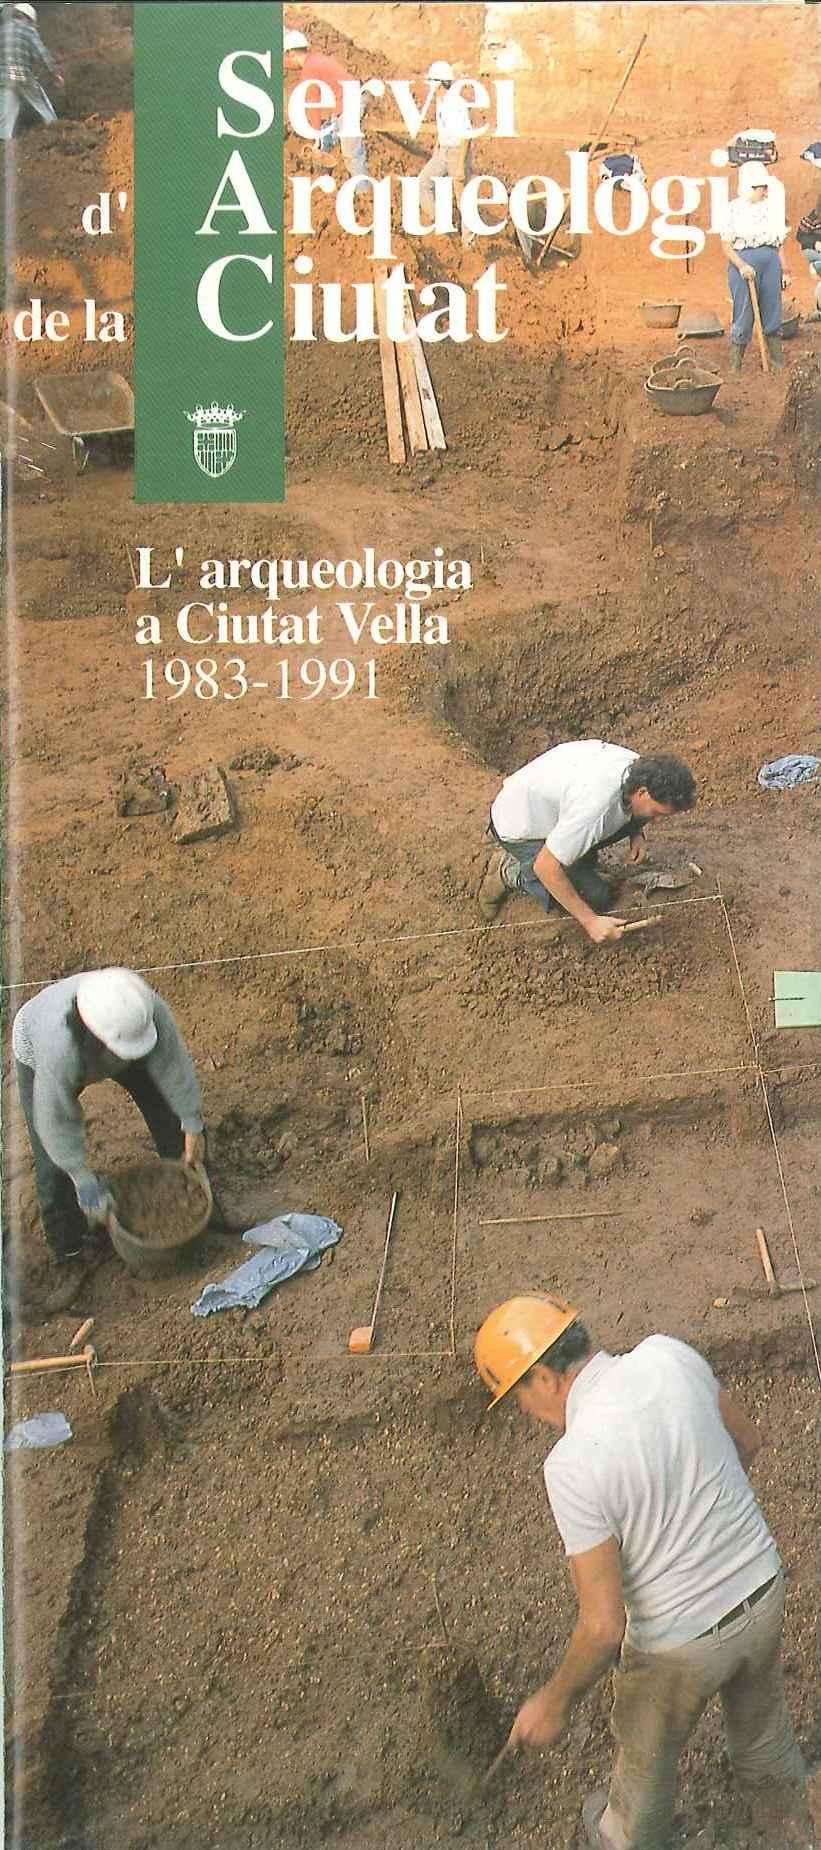 L'arqueologia a Ciutat Vella : 1983-1991